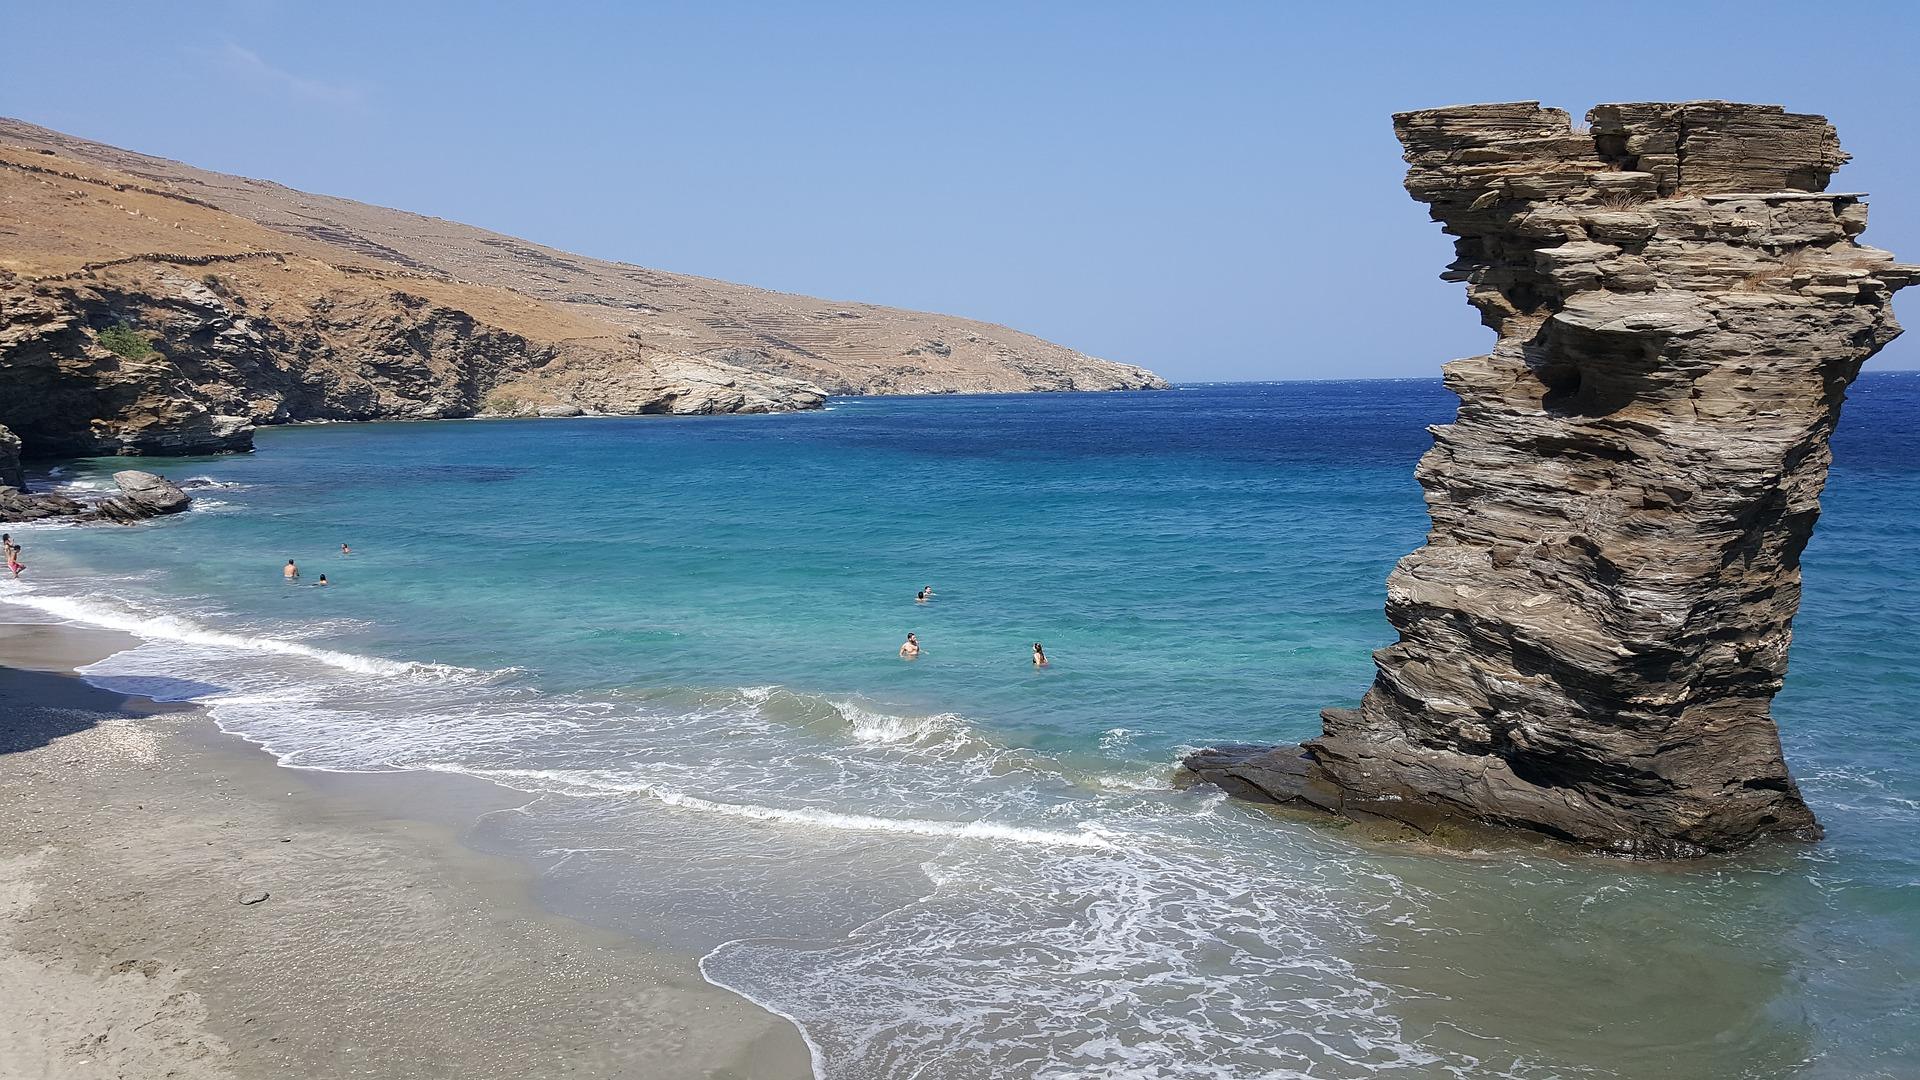 ostrvo, grcka, atina, kupanje, plaza, zanimljivosti